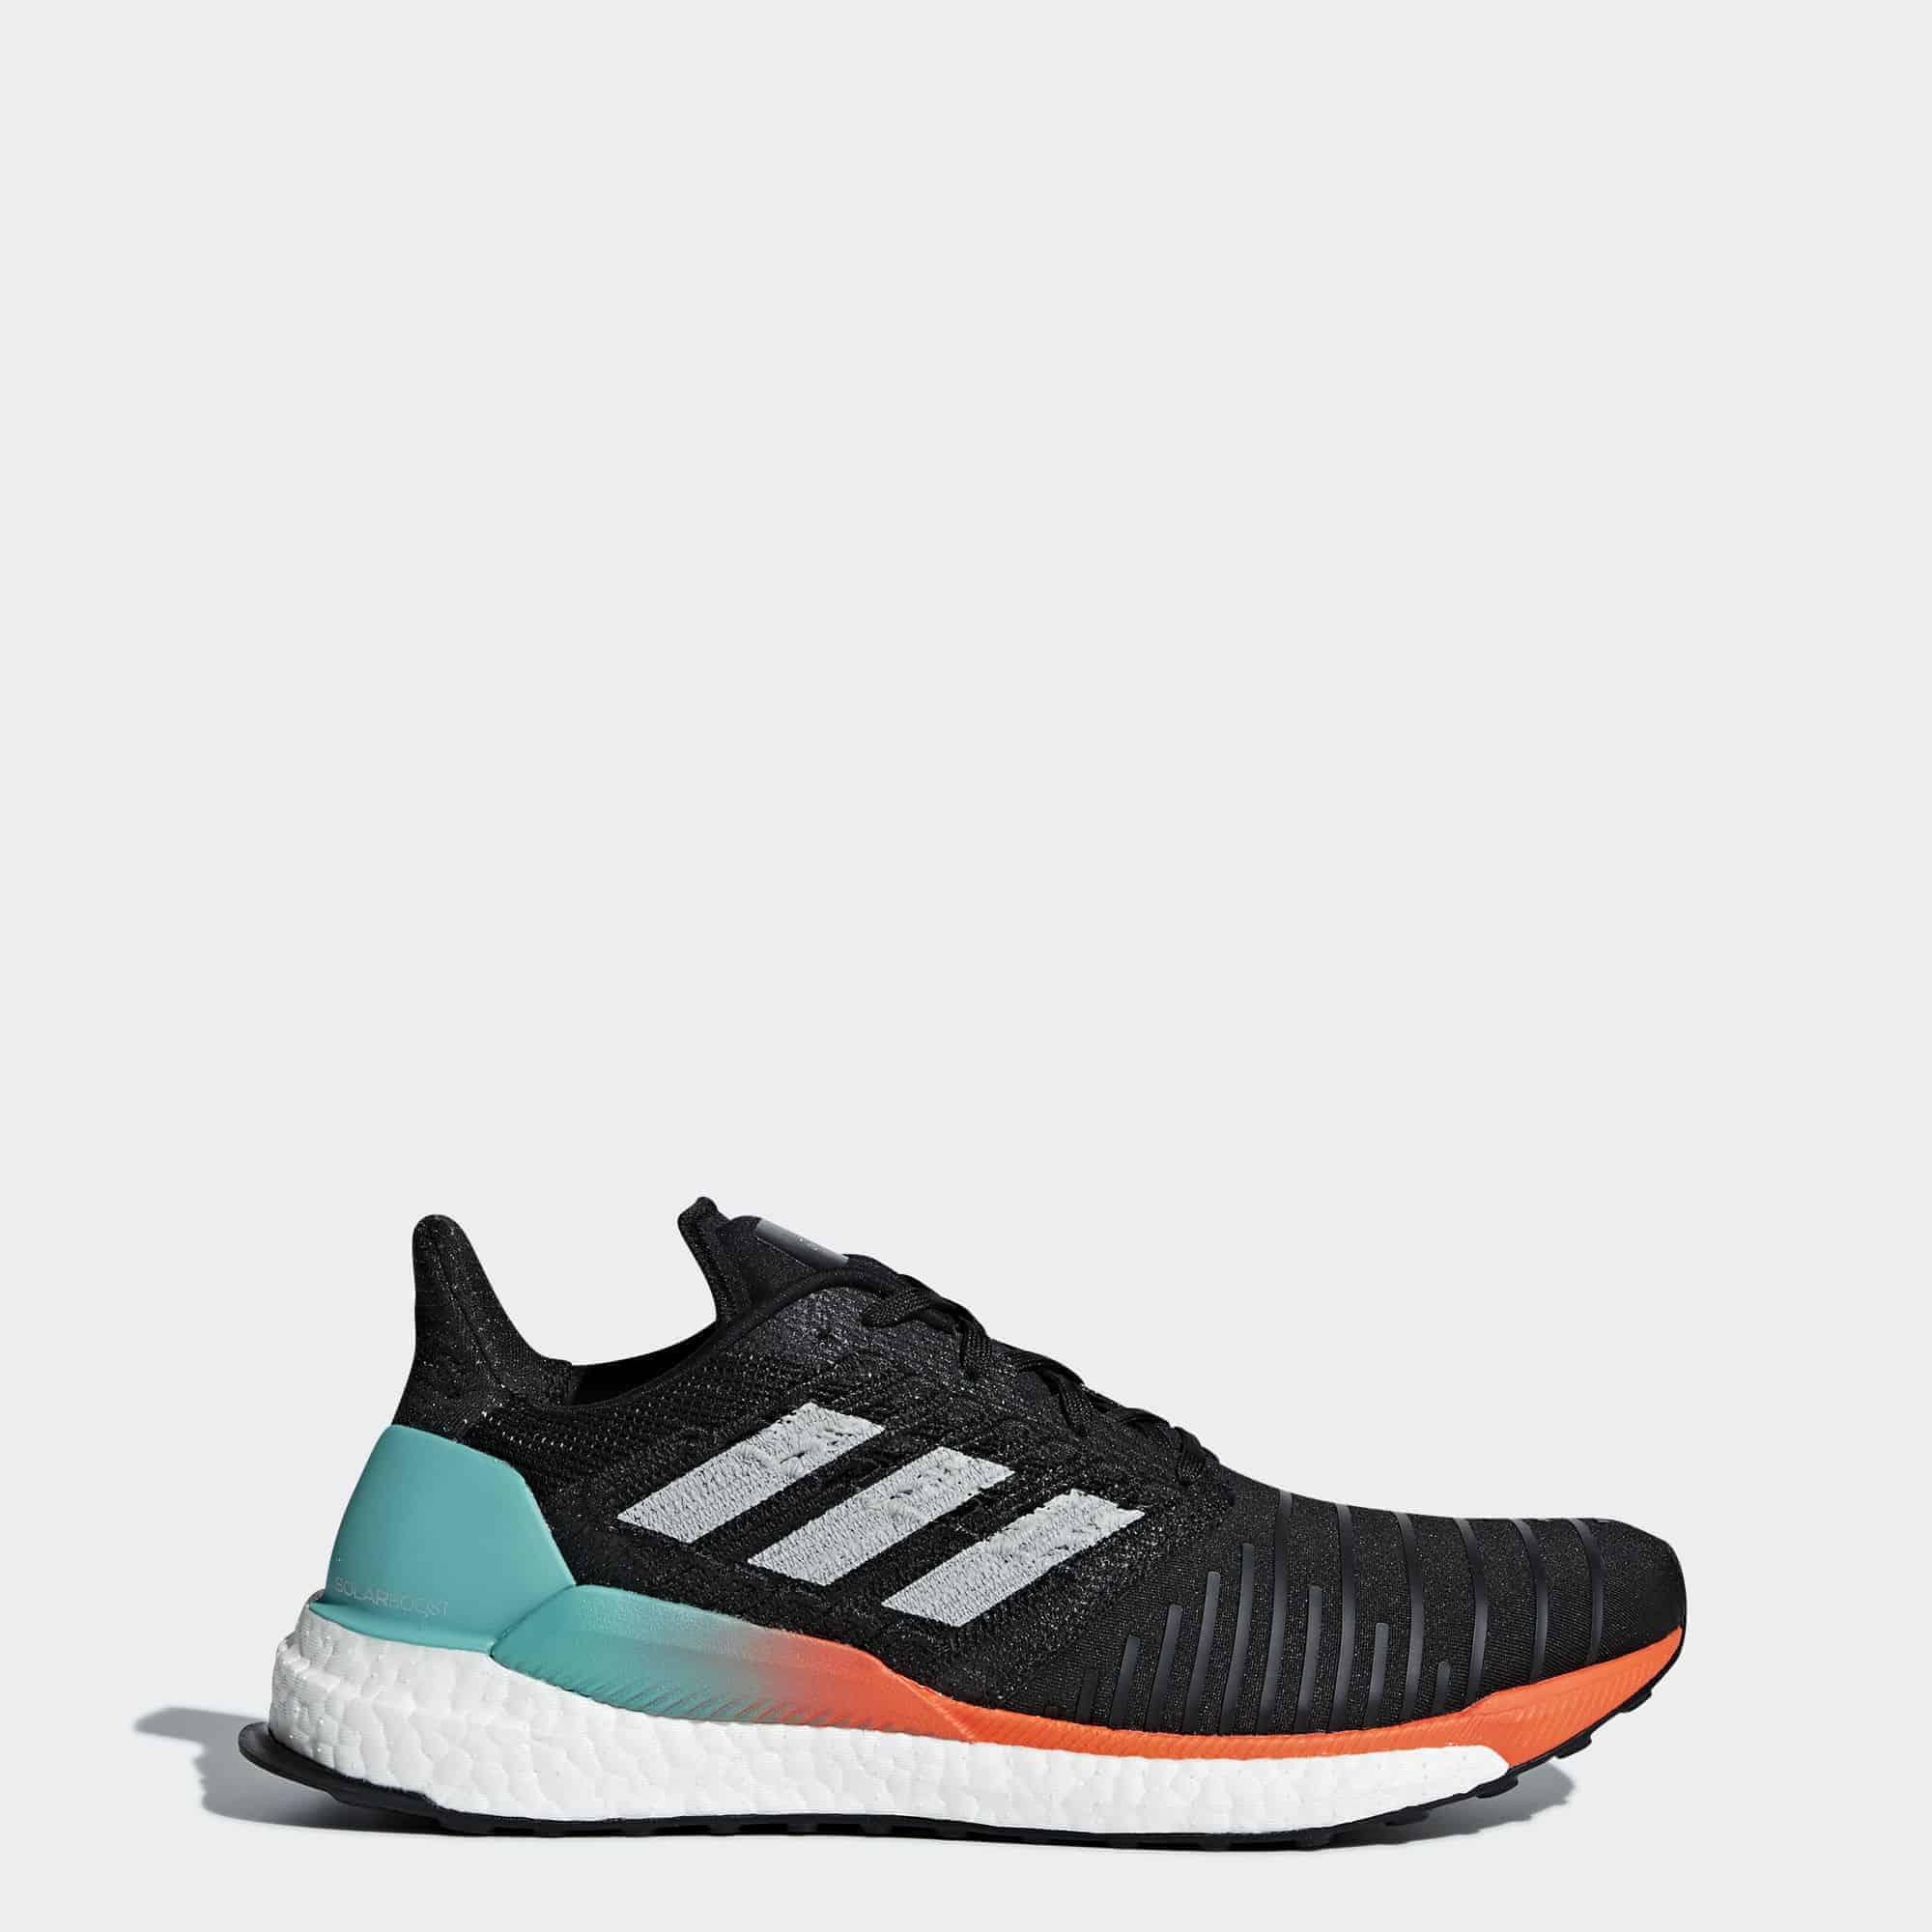 Кроссовки для бега Adidas SolarBoost мужские